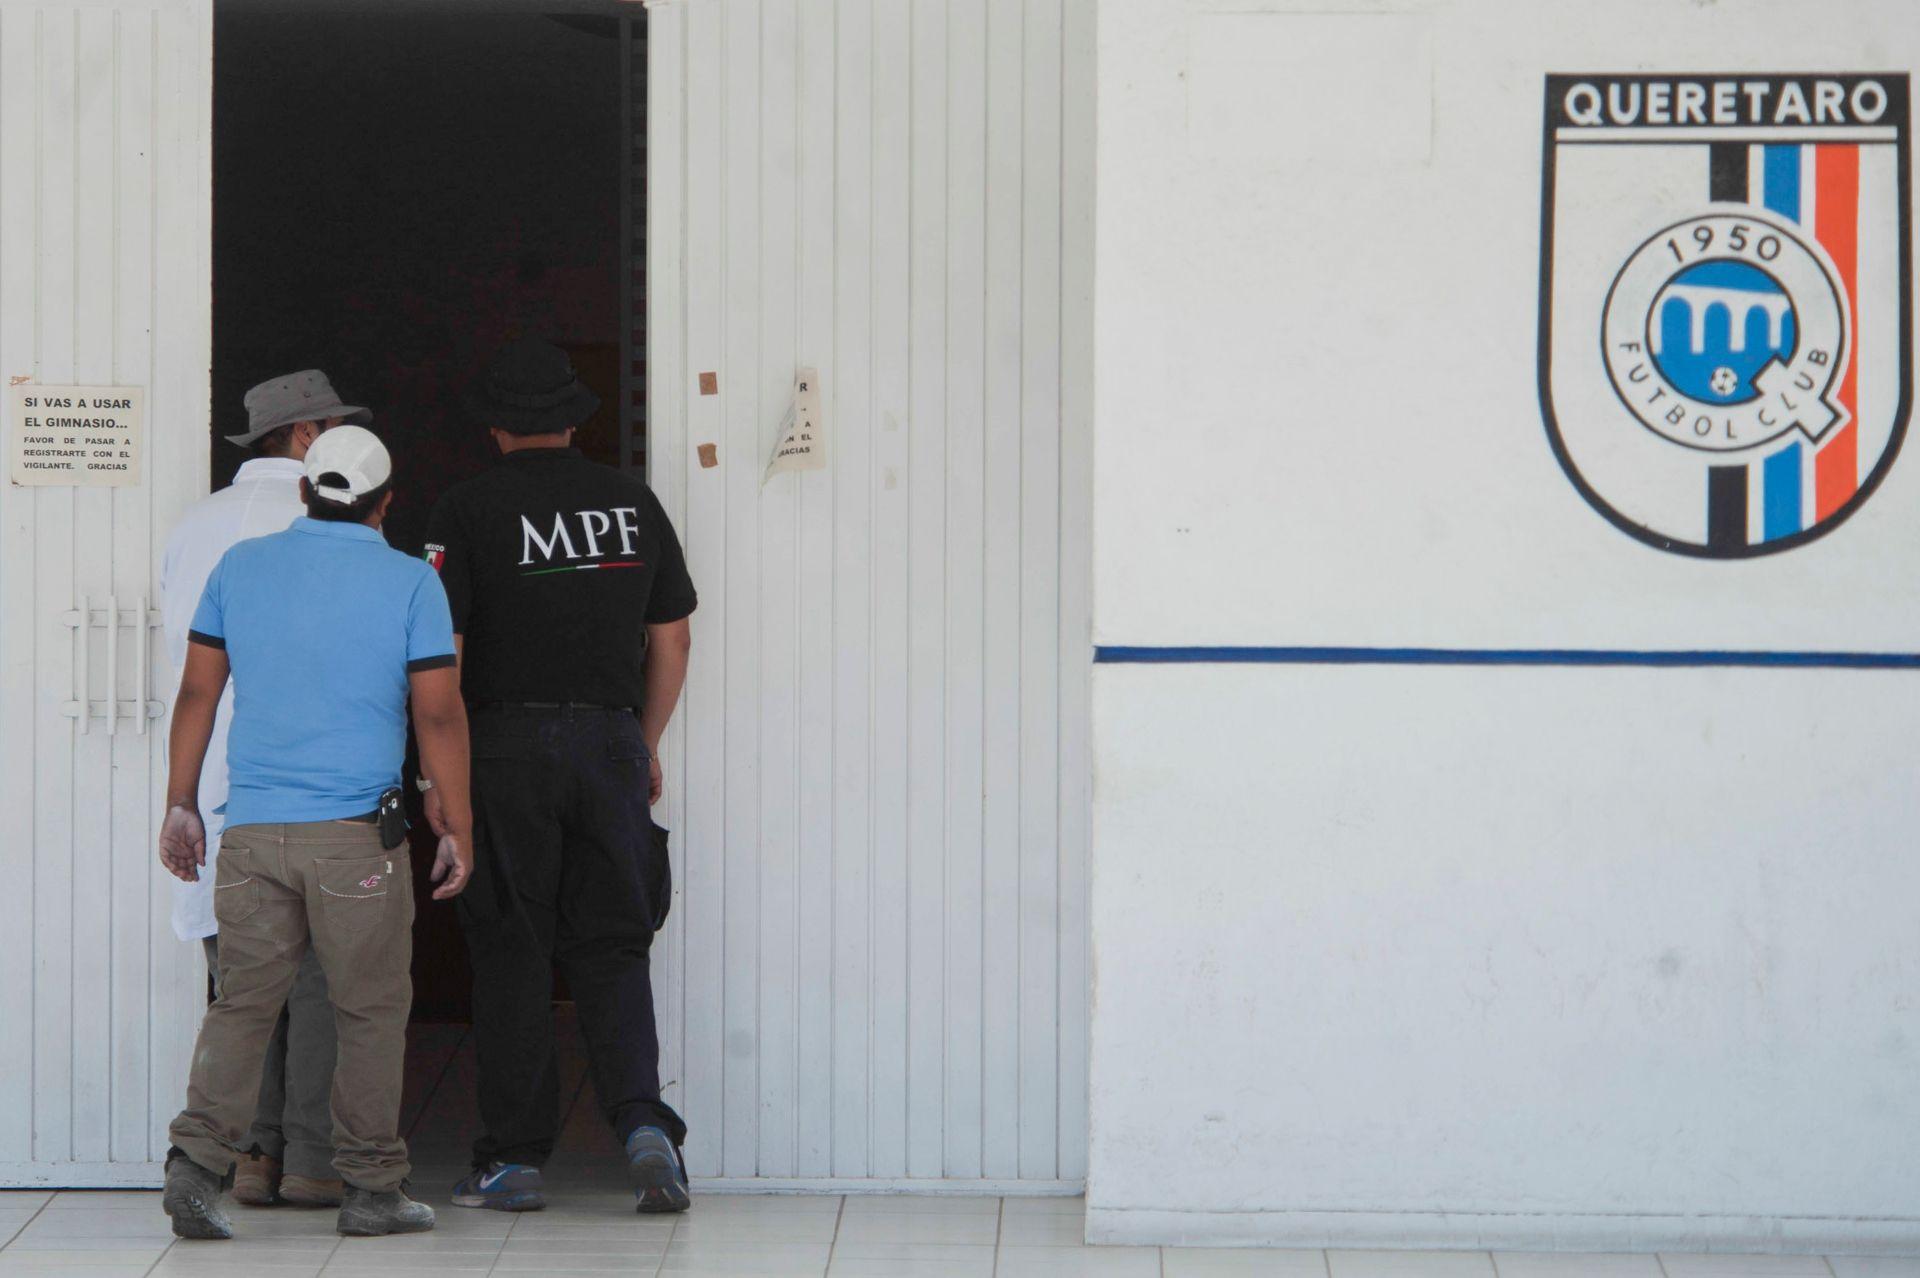 La PGR decretó la intervención de los equipos de futbol Gallos Blancos del Querétaro y Delfines de Ciudad del Carmen, propiedad de Amado Osuna Yañez en torno al millonario fraude bancario cometido desde esta ex proveedora de Pemex (Foto: Cuartoscuro)